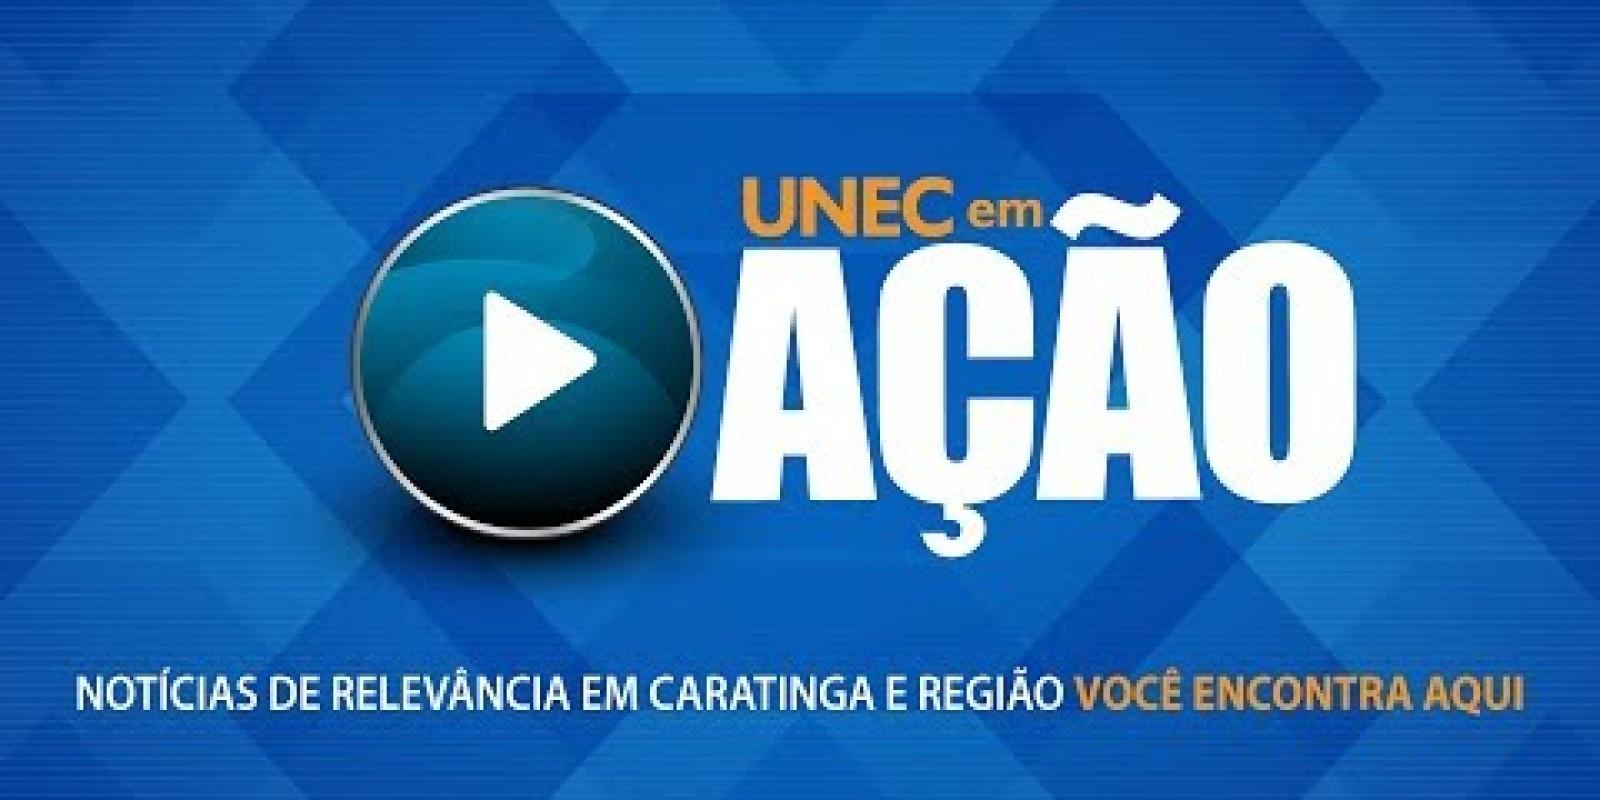 UNEC sedia evento de inclusão social realizado em 180 países iniciativa é do Lions Clube Caratinga